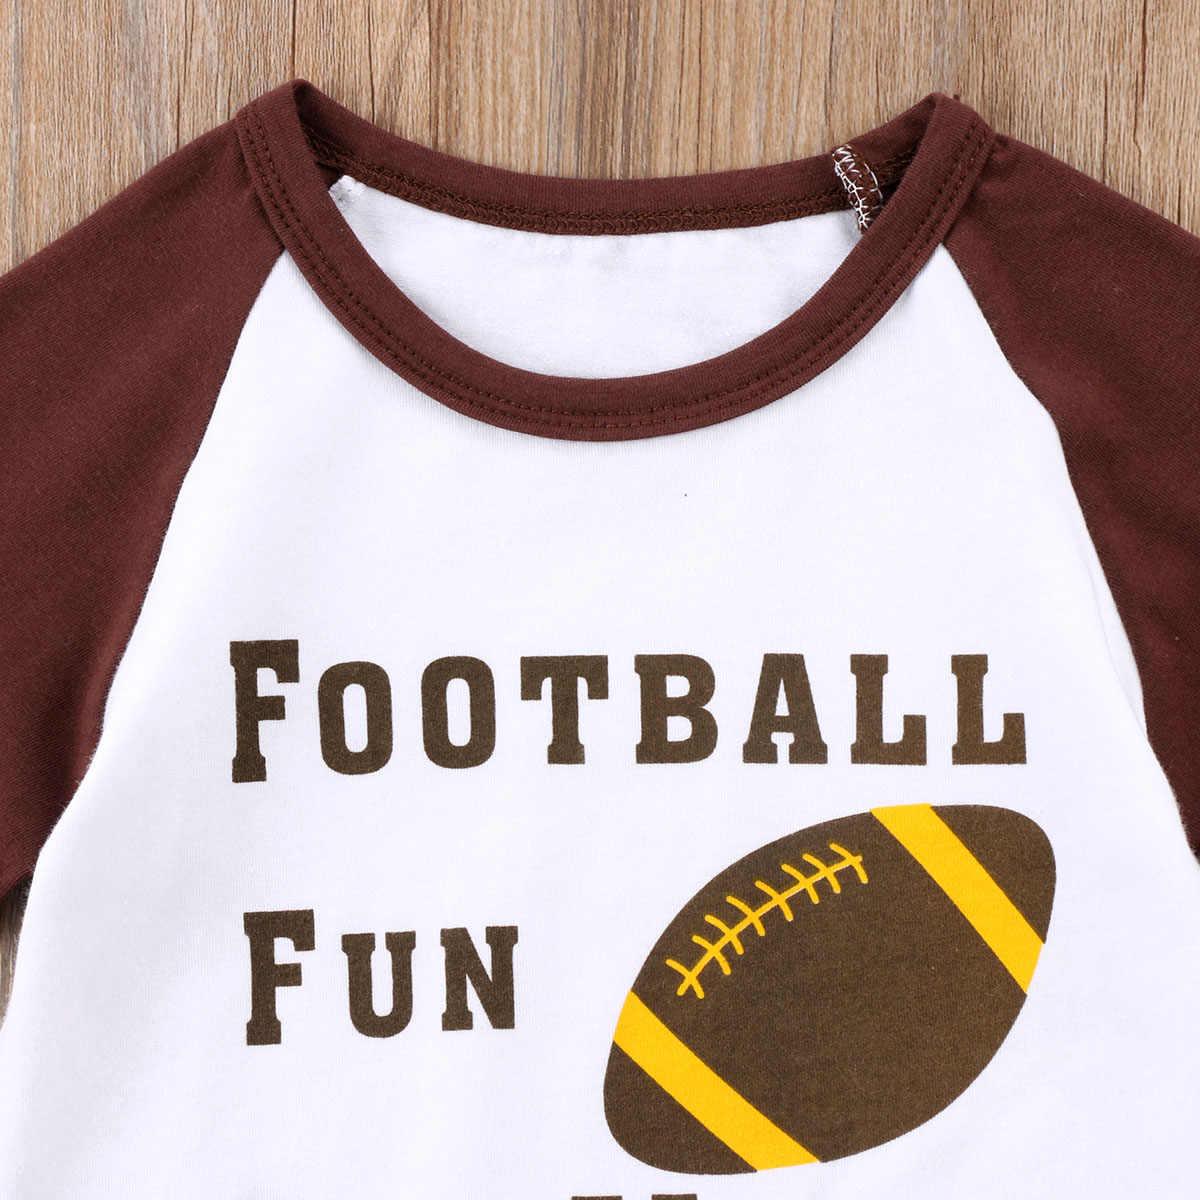 2018新しいファッション子供フリルtシャツ幼児キッズベビー女の子サッカーラグビー長袖トップtシャツカジュアル女の子プルオーバートップス